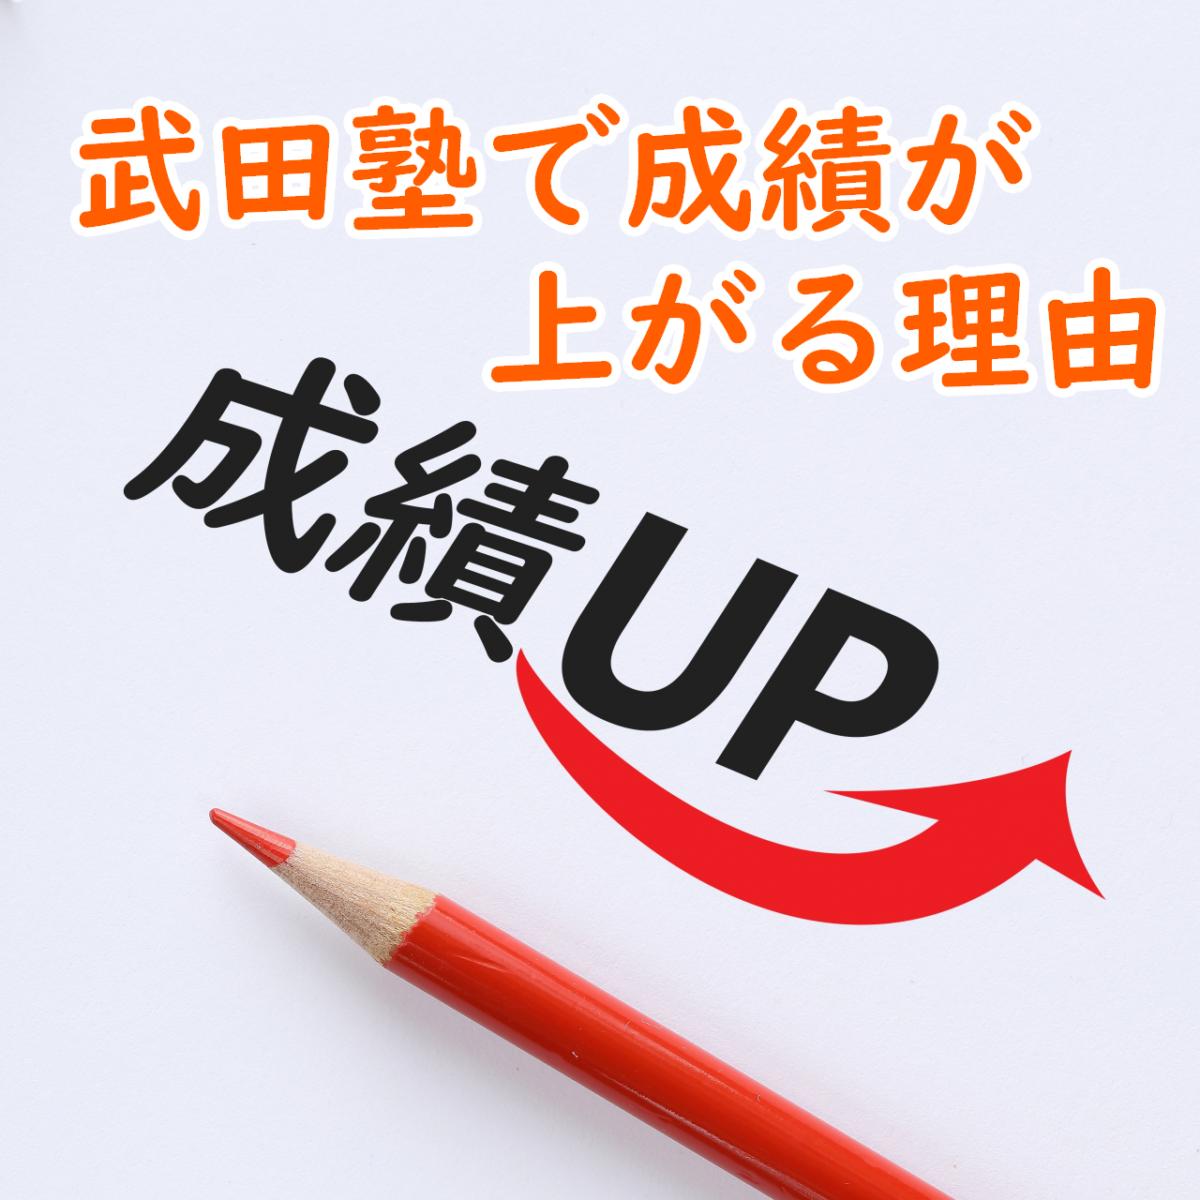 武田塾のシステムを解説!授業をしない塾で成績が大きく上がる理由!